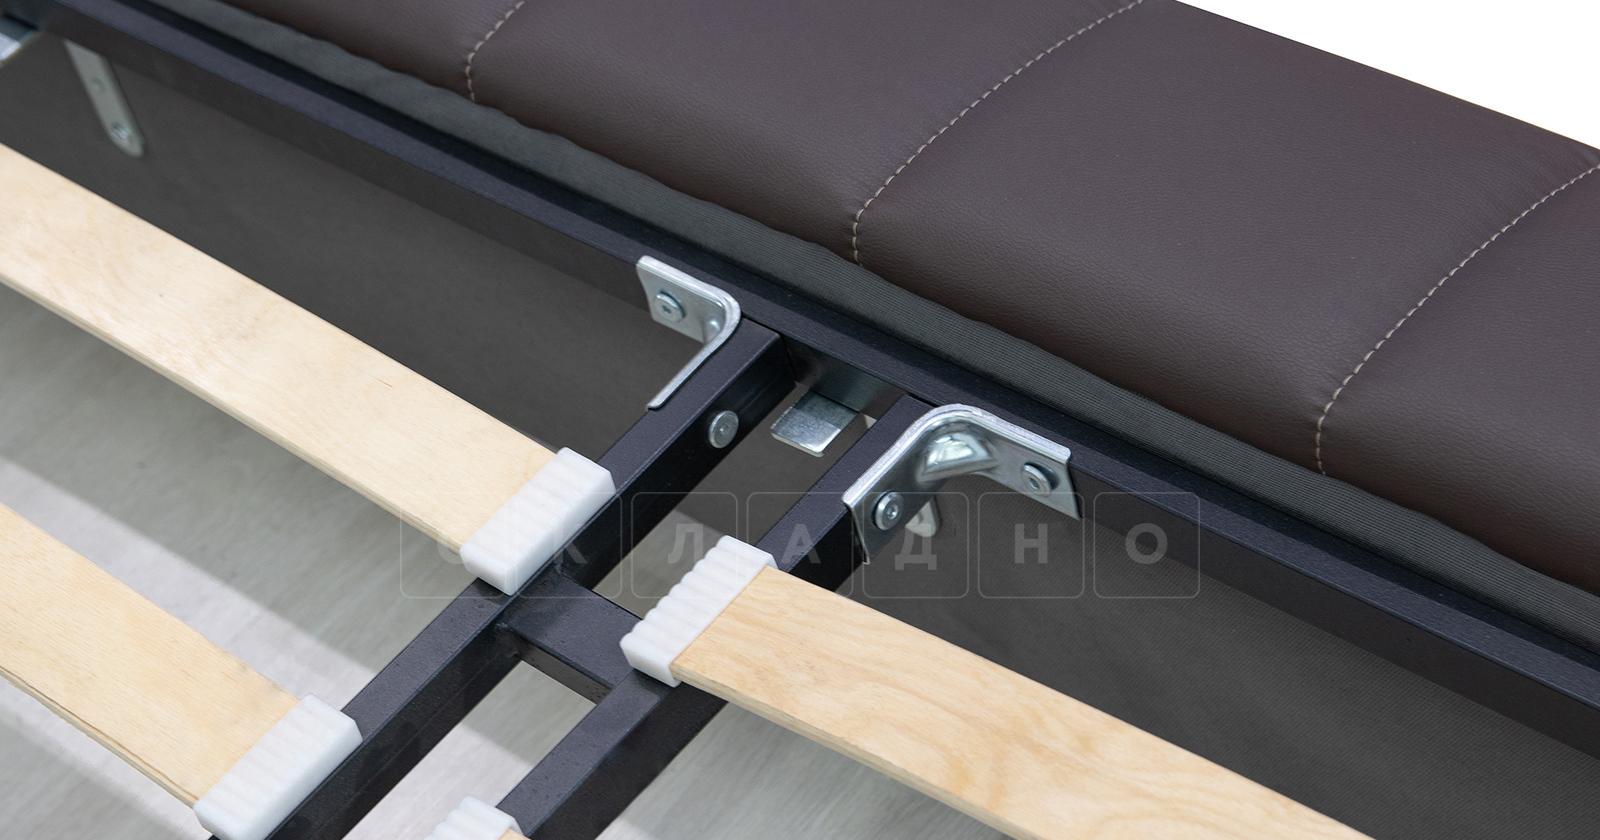 Мягкая кровать Оливия 160 см экокожа шоколад фото 15 | интернет-магазин Складно